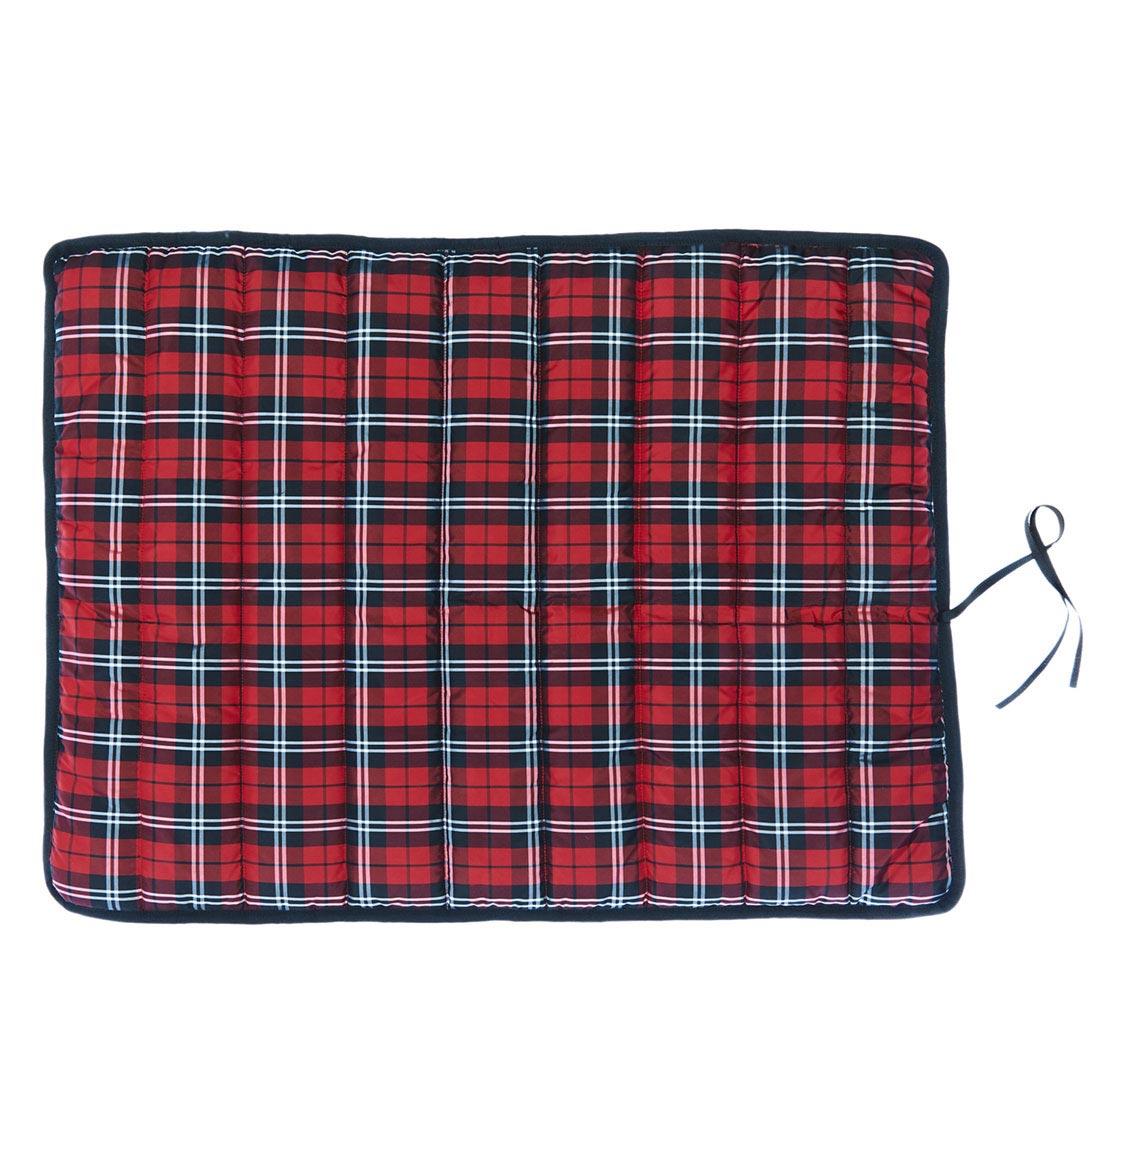 Poldo Dog Couture Portable Bed